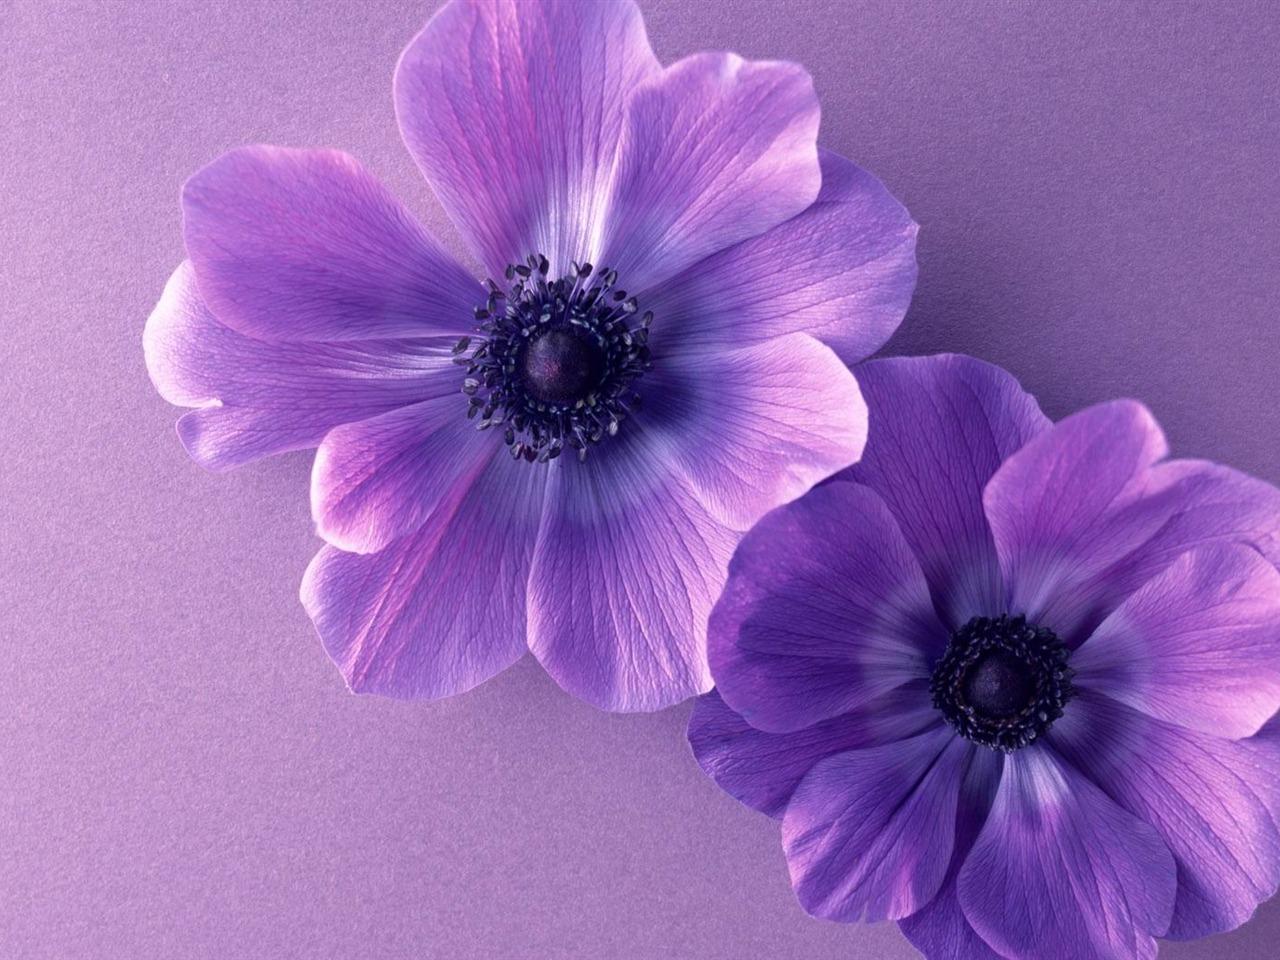 Fondo Primavera álbum Classic Flores Violetas: Dos Flores Violetas-hermosas Flores Picture Wallpaper